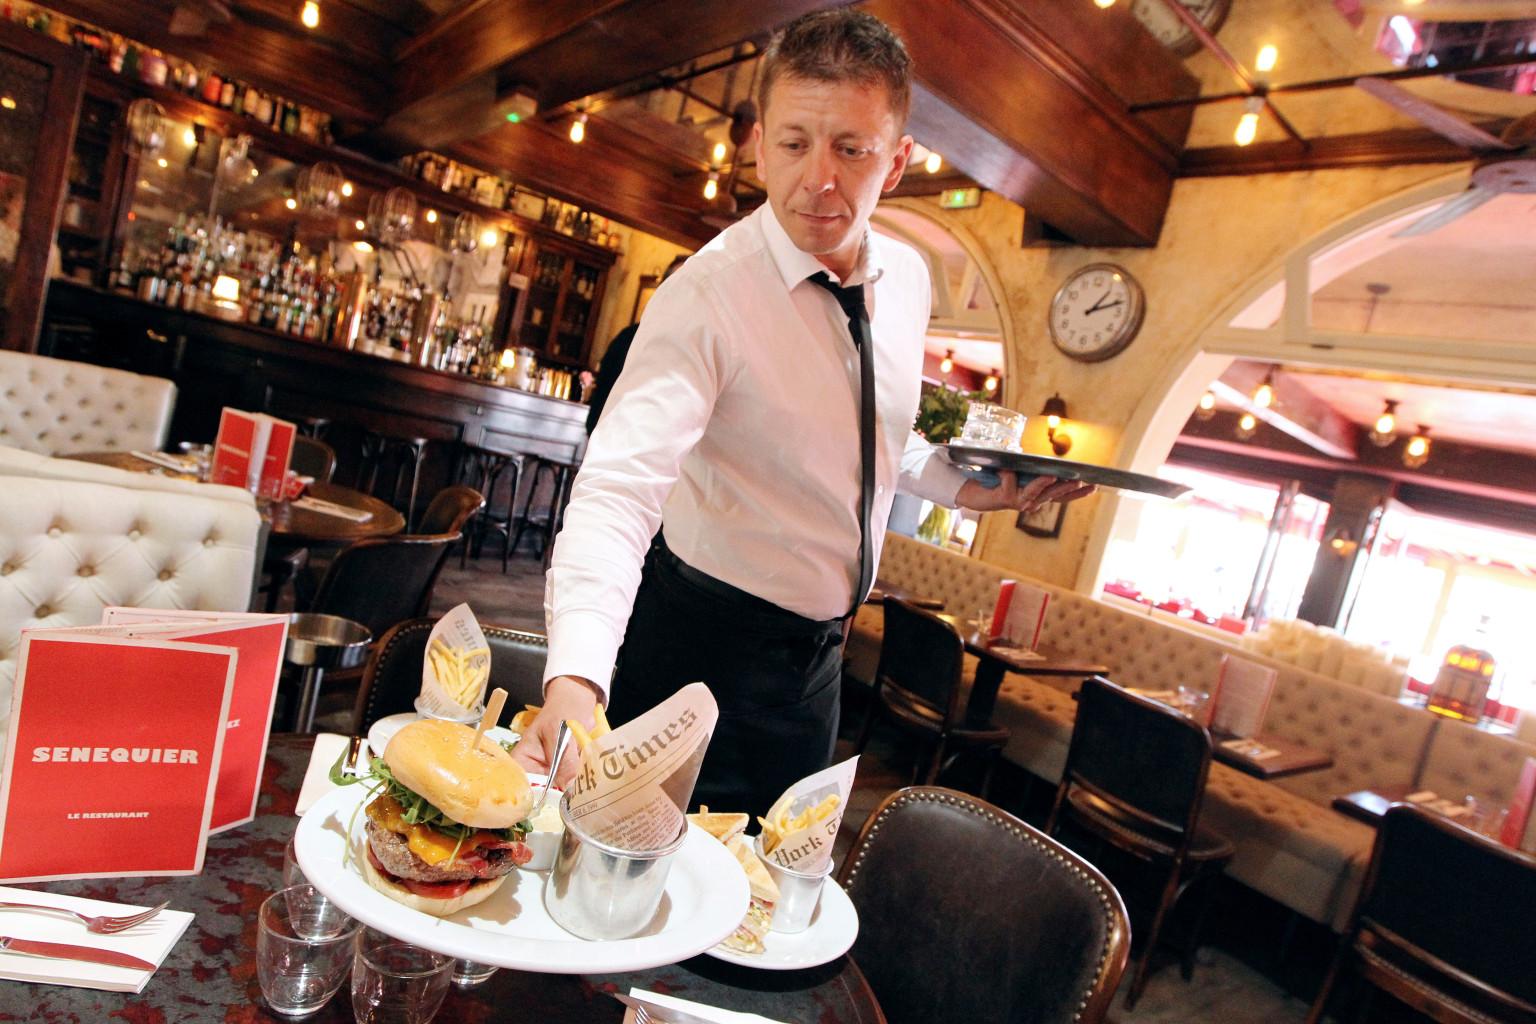 Restaurant Waiter Serving | www.imgkid.com - The Image Kid ...